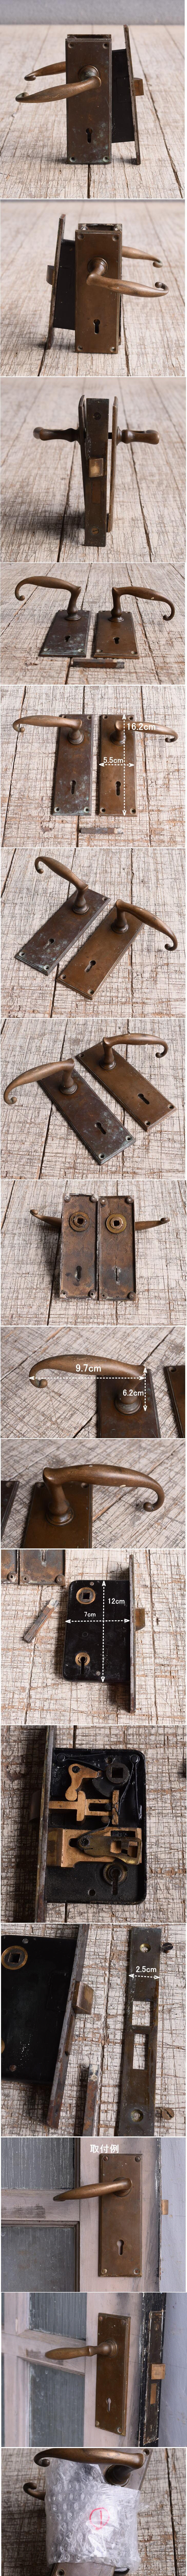 イギリス アンティーク ラッチ&ドアノブ 建具金物 10088